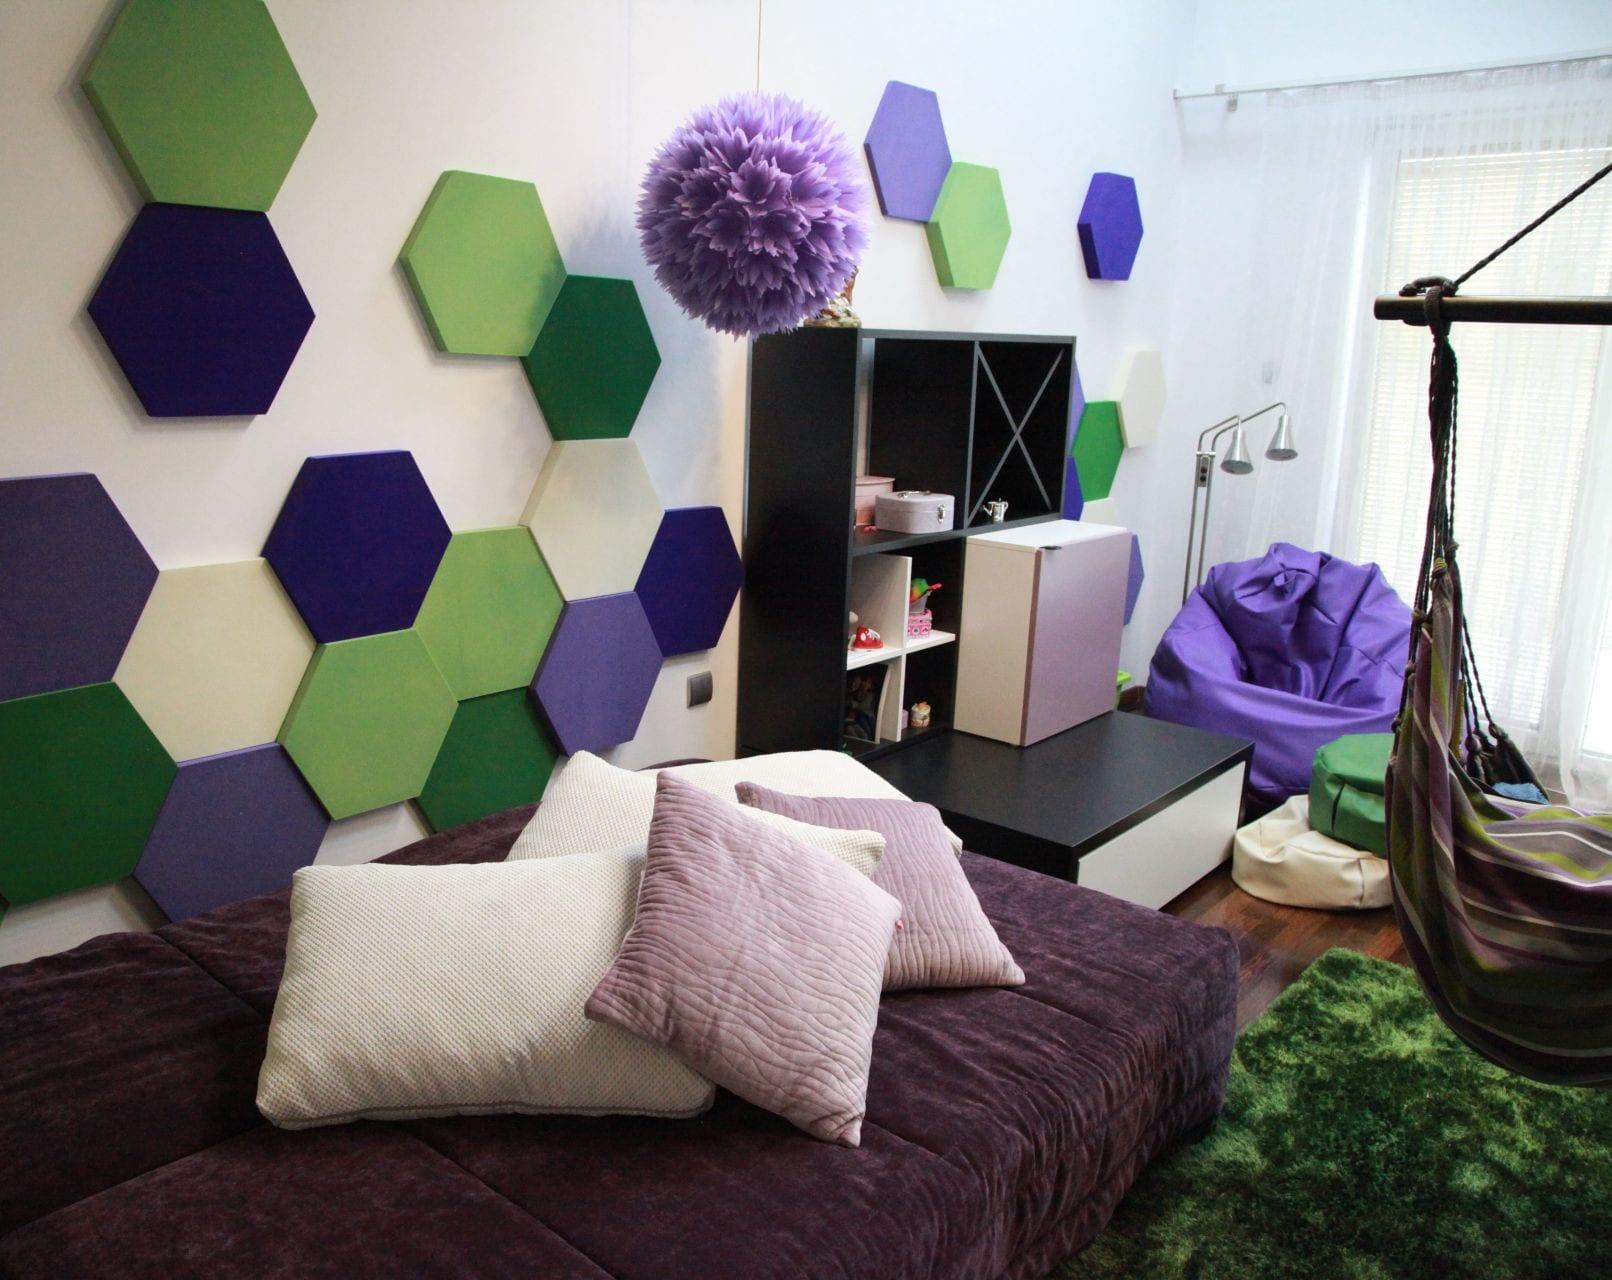 kreative wohnideen fr moderne wandgestaltung wohnzimmer